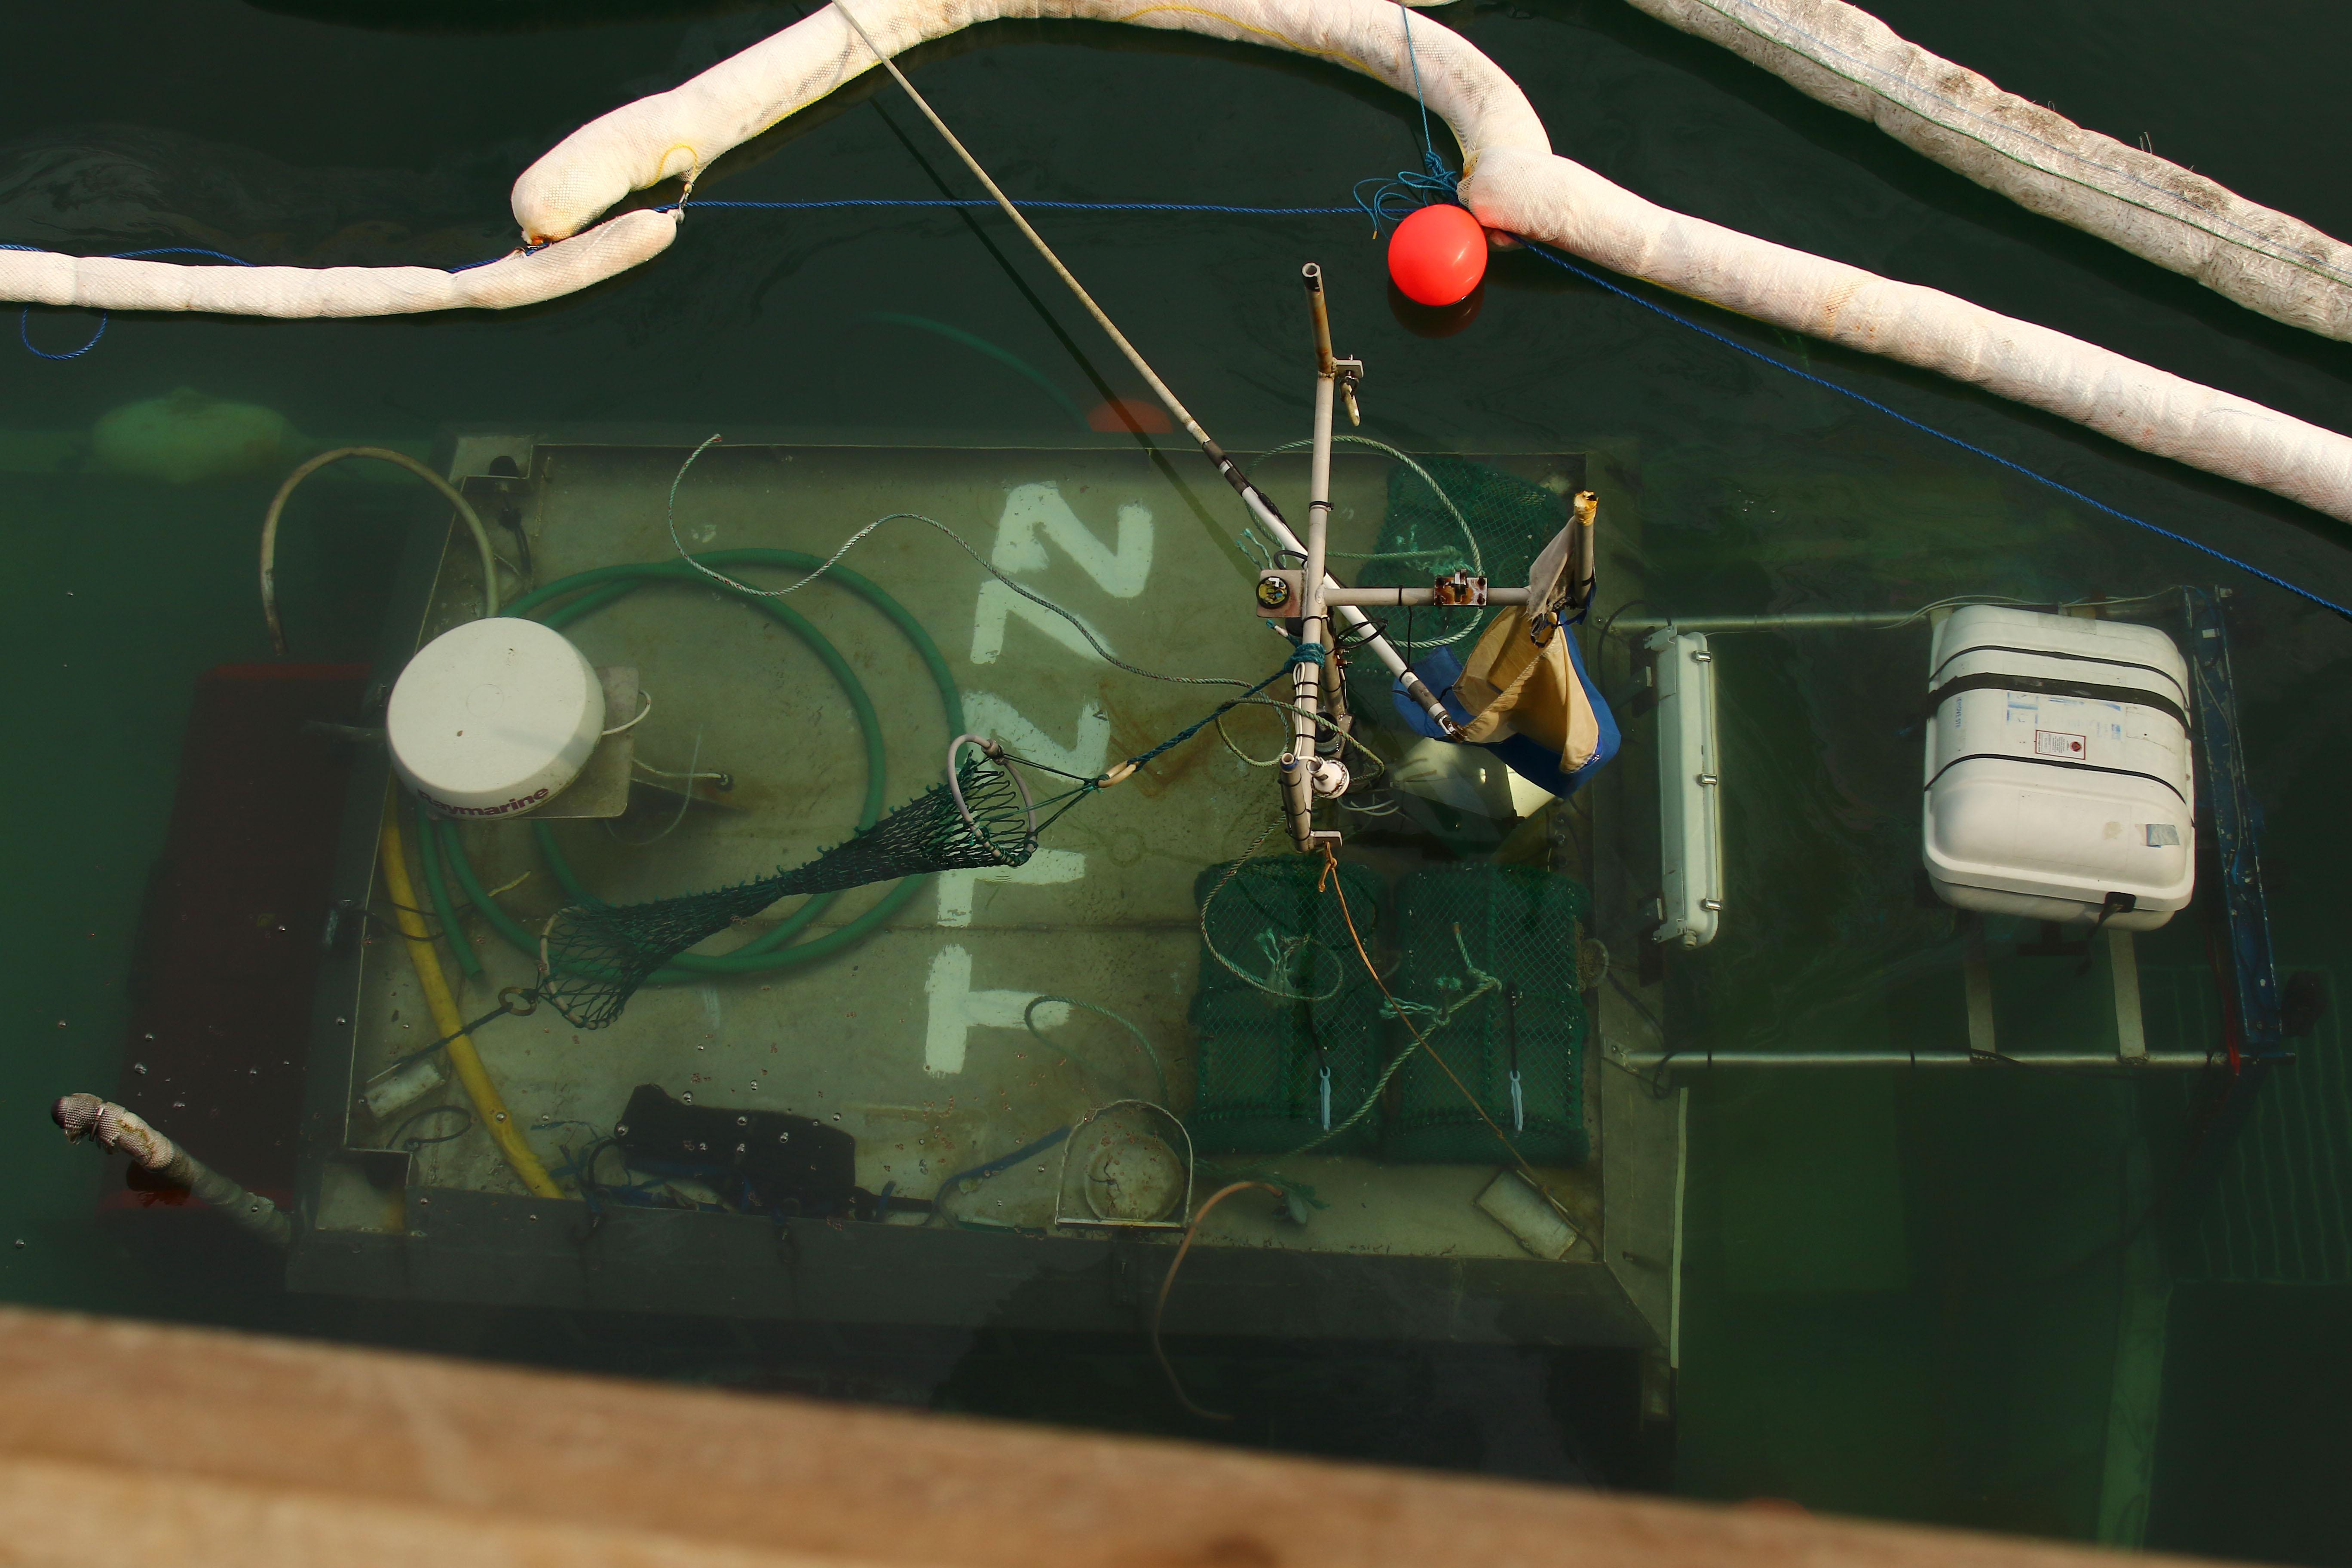 Sunken boat poses 'risk of pollution' to Oban Bay